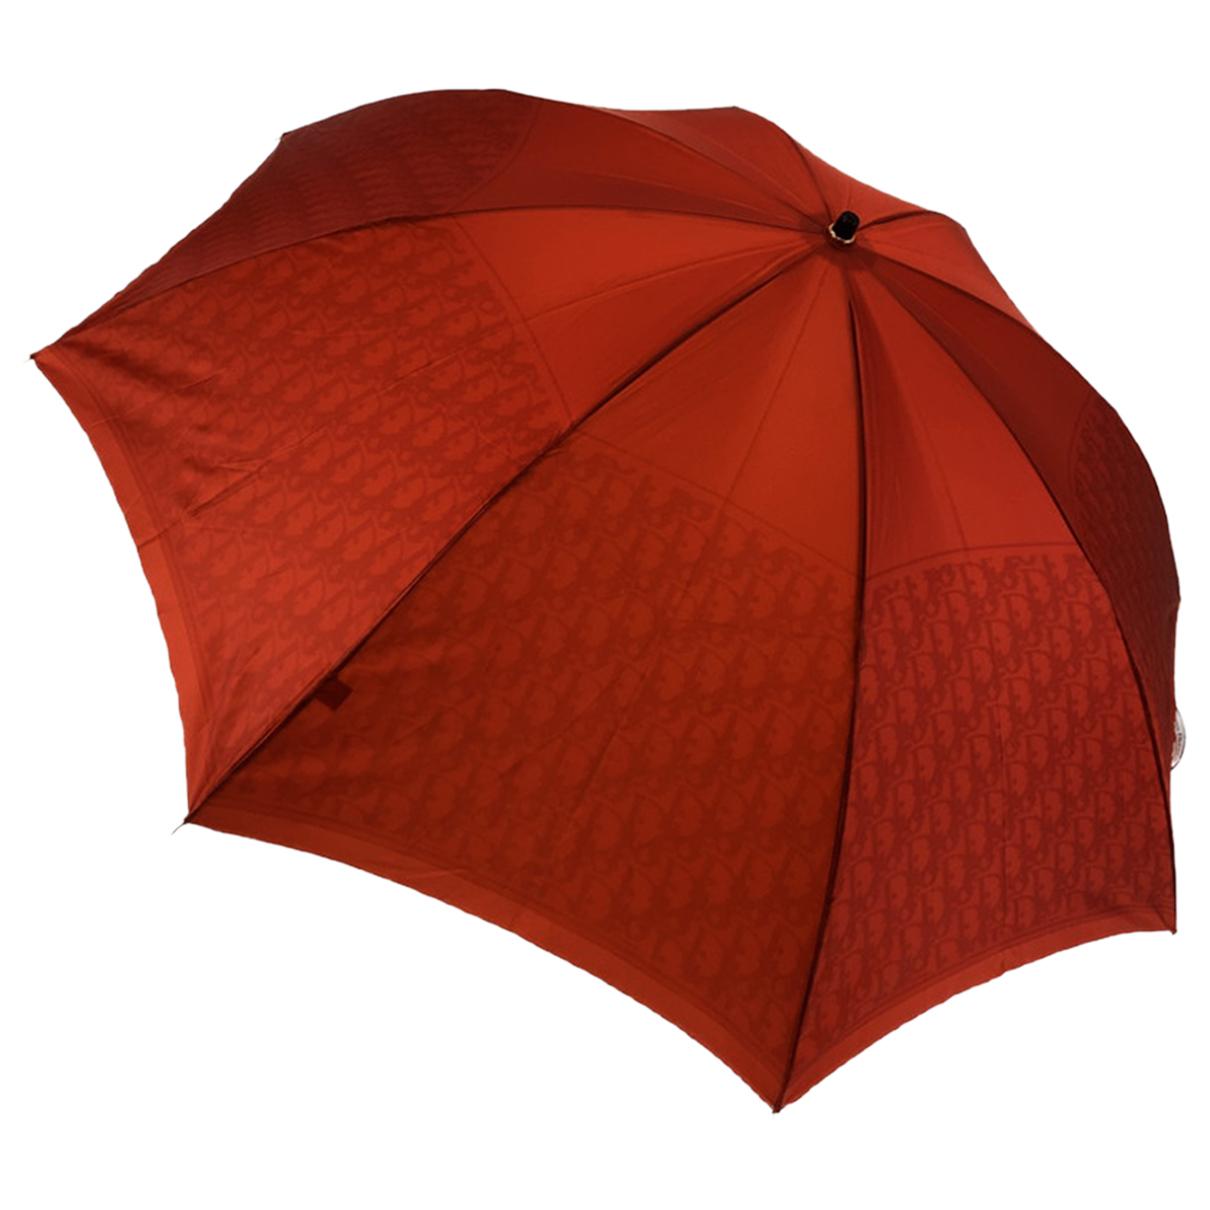 Christian Dior - Linge de maison   pour lifestyle - rouge